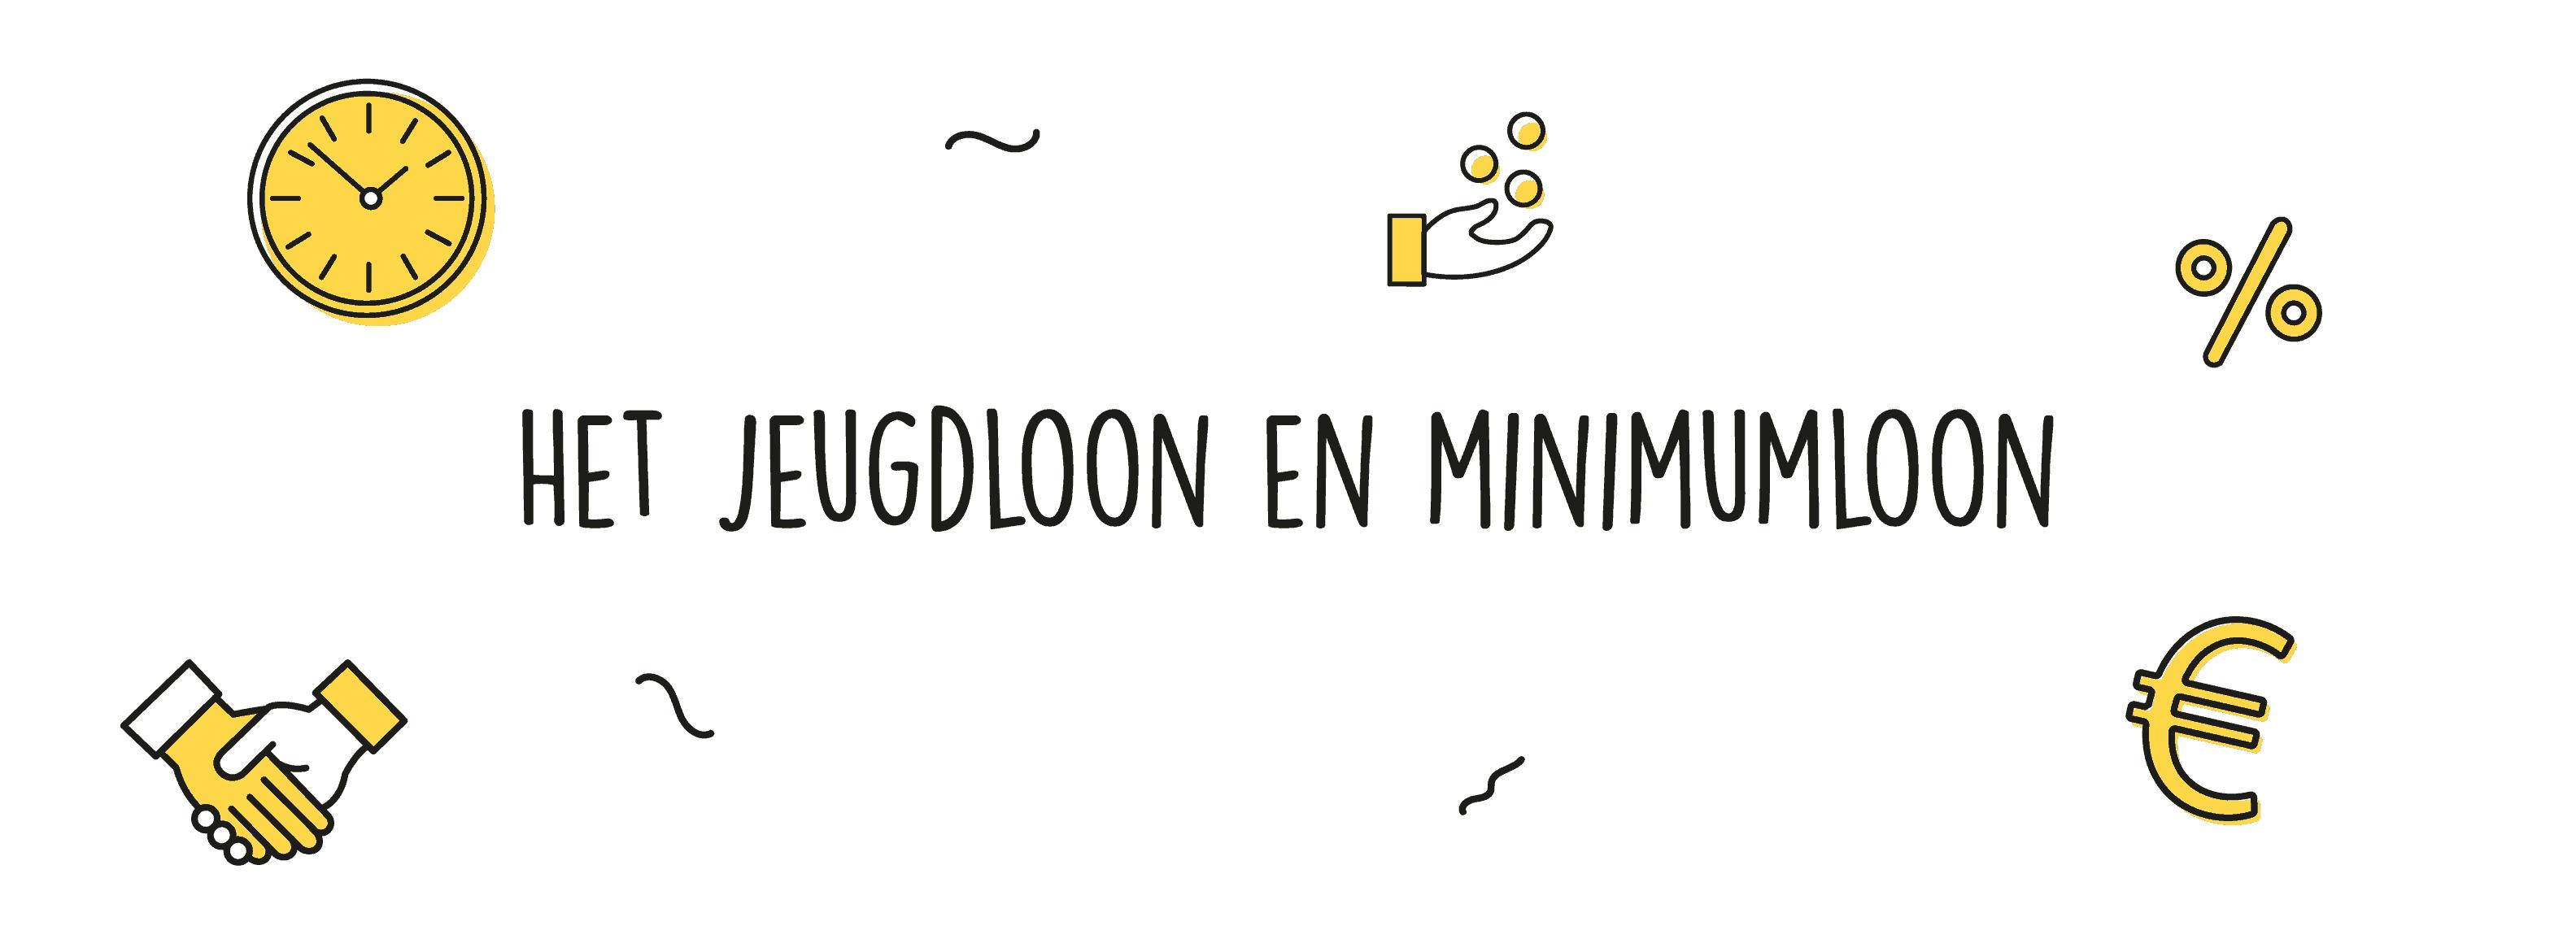 Jeugdloon en minimumloon